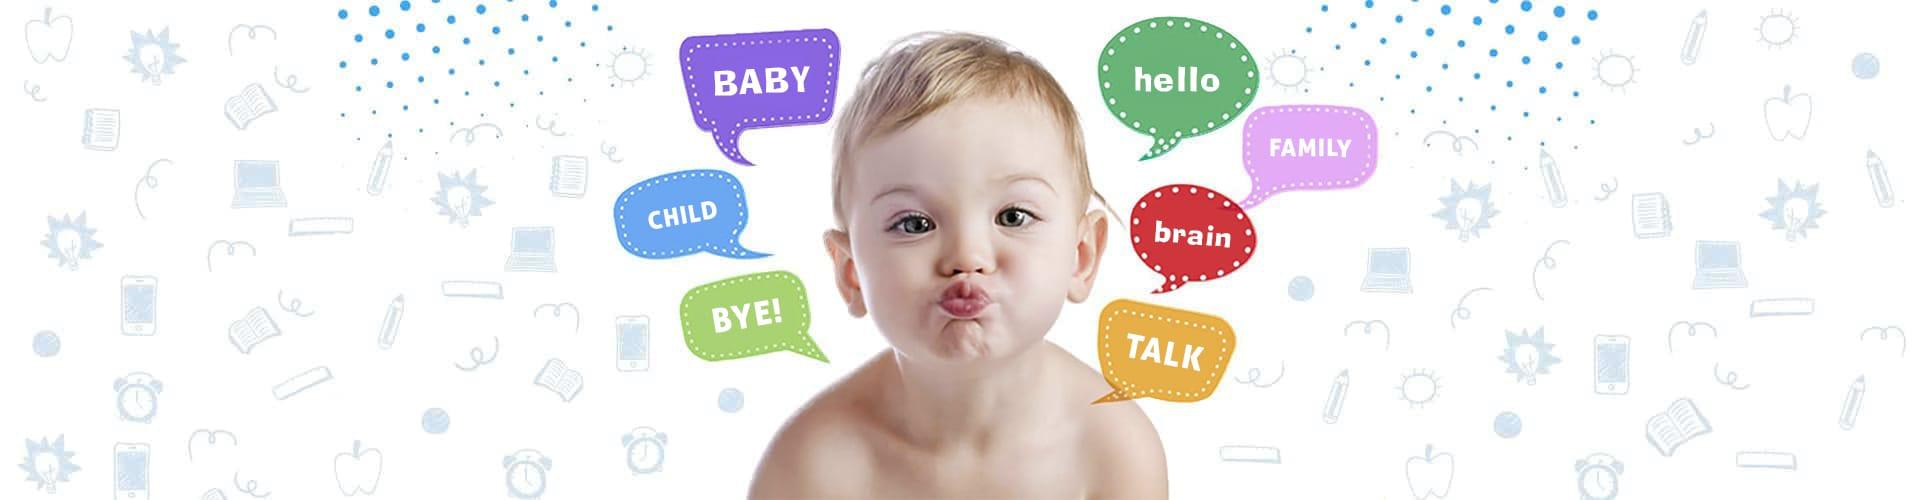 aprender ingles para niños y niñas